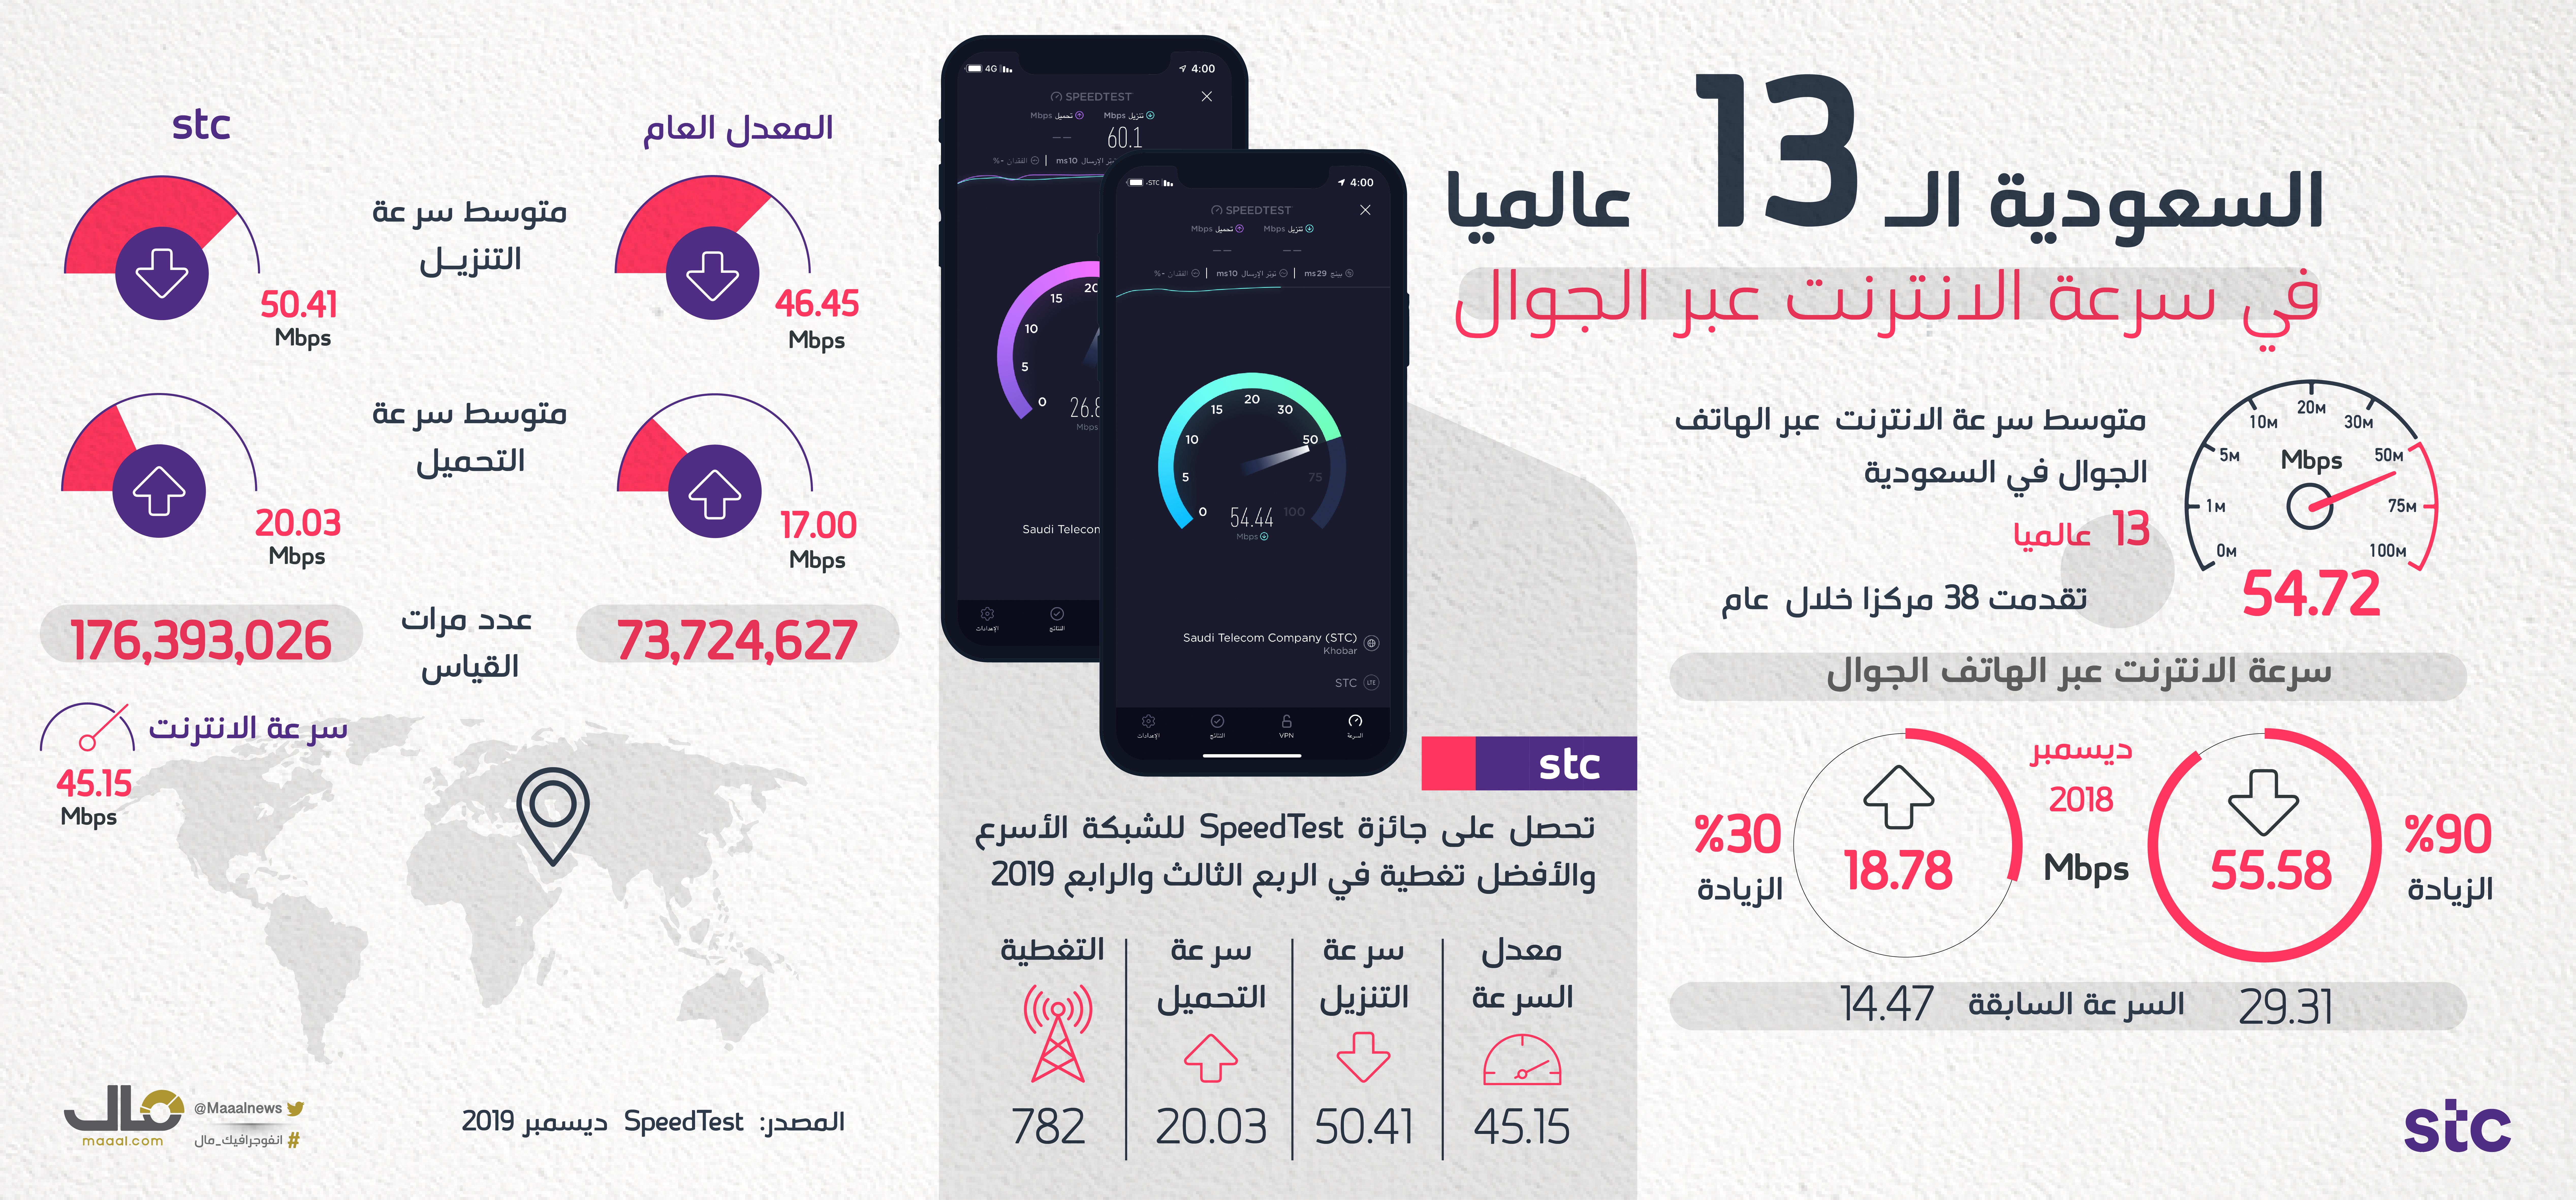 الانترنت عبر الجوال في السعودية-01 (2)